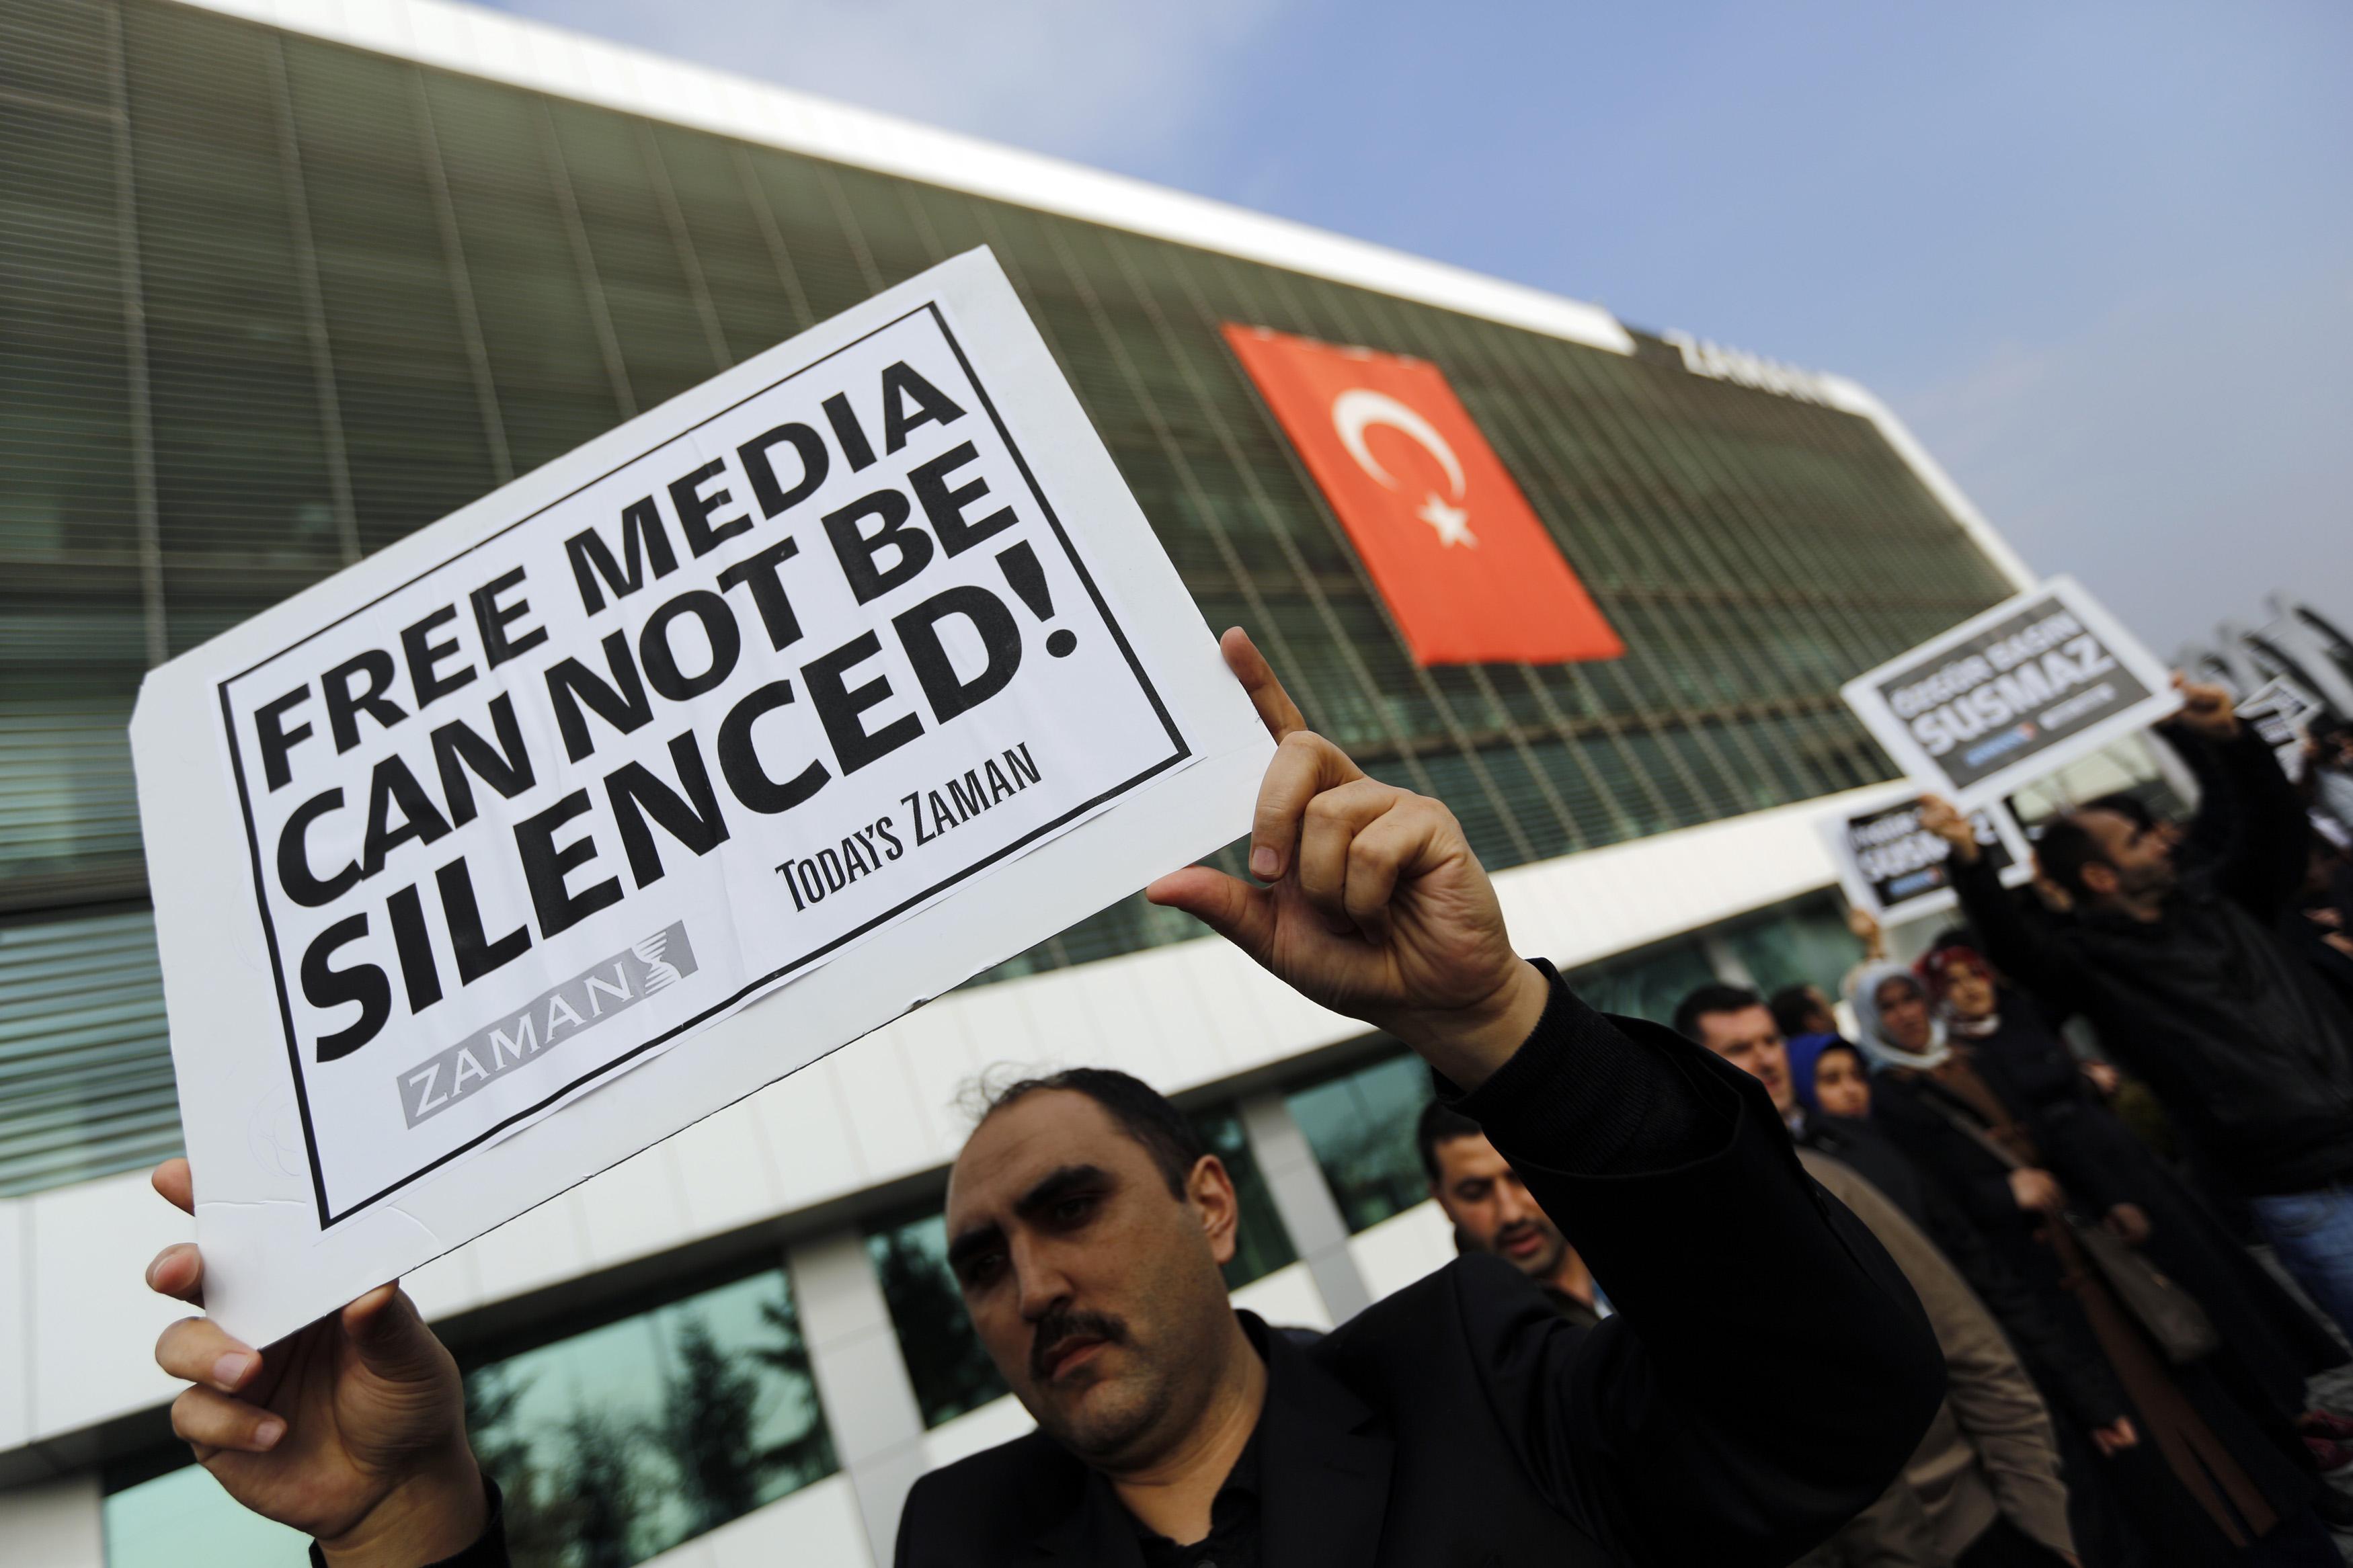 Malgré des critiques et des acquis à développer, la chance est aujourd'hui donnée en France de pouvoir vivre mais aussi travailler ou écrire librement. La liberté d'expression permet à chacun de pouvoir participer au renforcement de la démocratie et du débat. Il existe pourtant des pays où la liberté d'expression n'est qu'un concept vague renvoyant à une réalité bien lointaine. Et parallèlement, ces mêmes pays souffrent de tous les maux engendrés par des pouvoirs autoritaires et punitifs. La Turquie en est aujourd'hui un exemple frappant, où la liberté disparaît derrière l'autoritarisme.